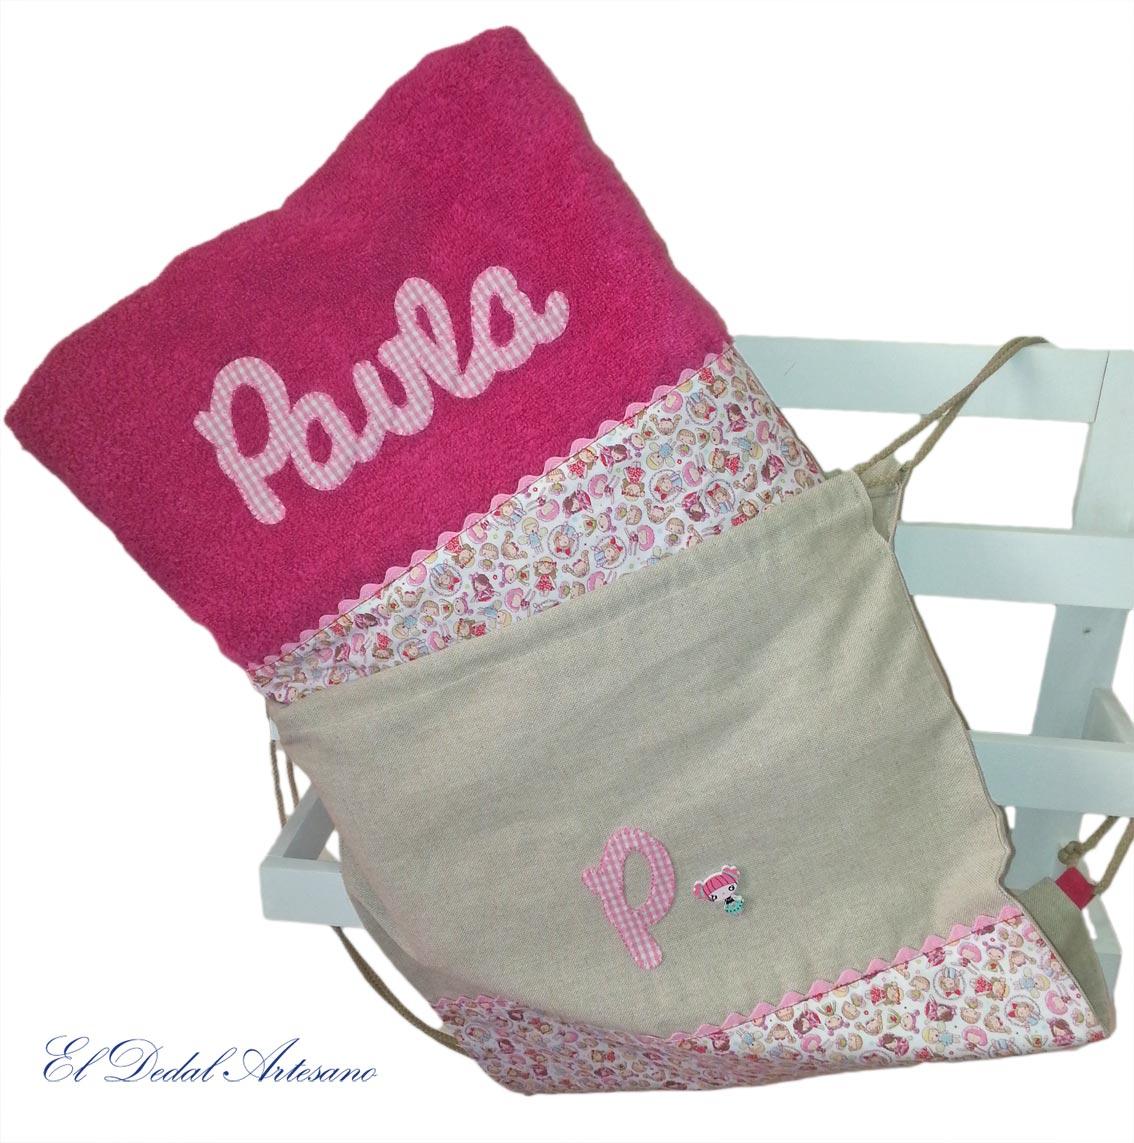 Toallas personalizadas para paula el dedal artesano for Toallas piscina